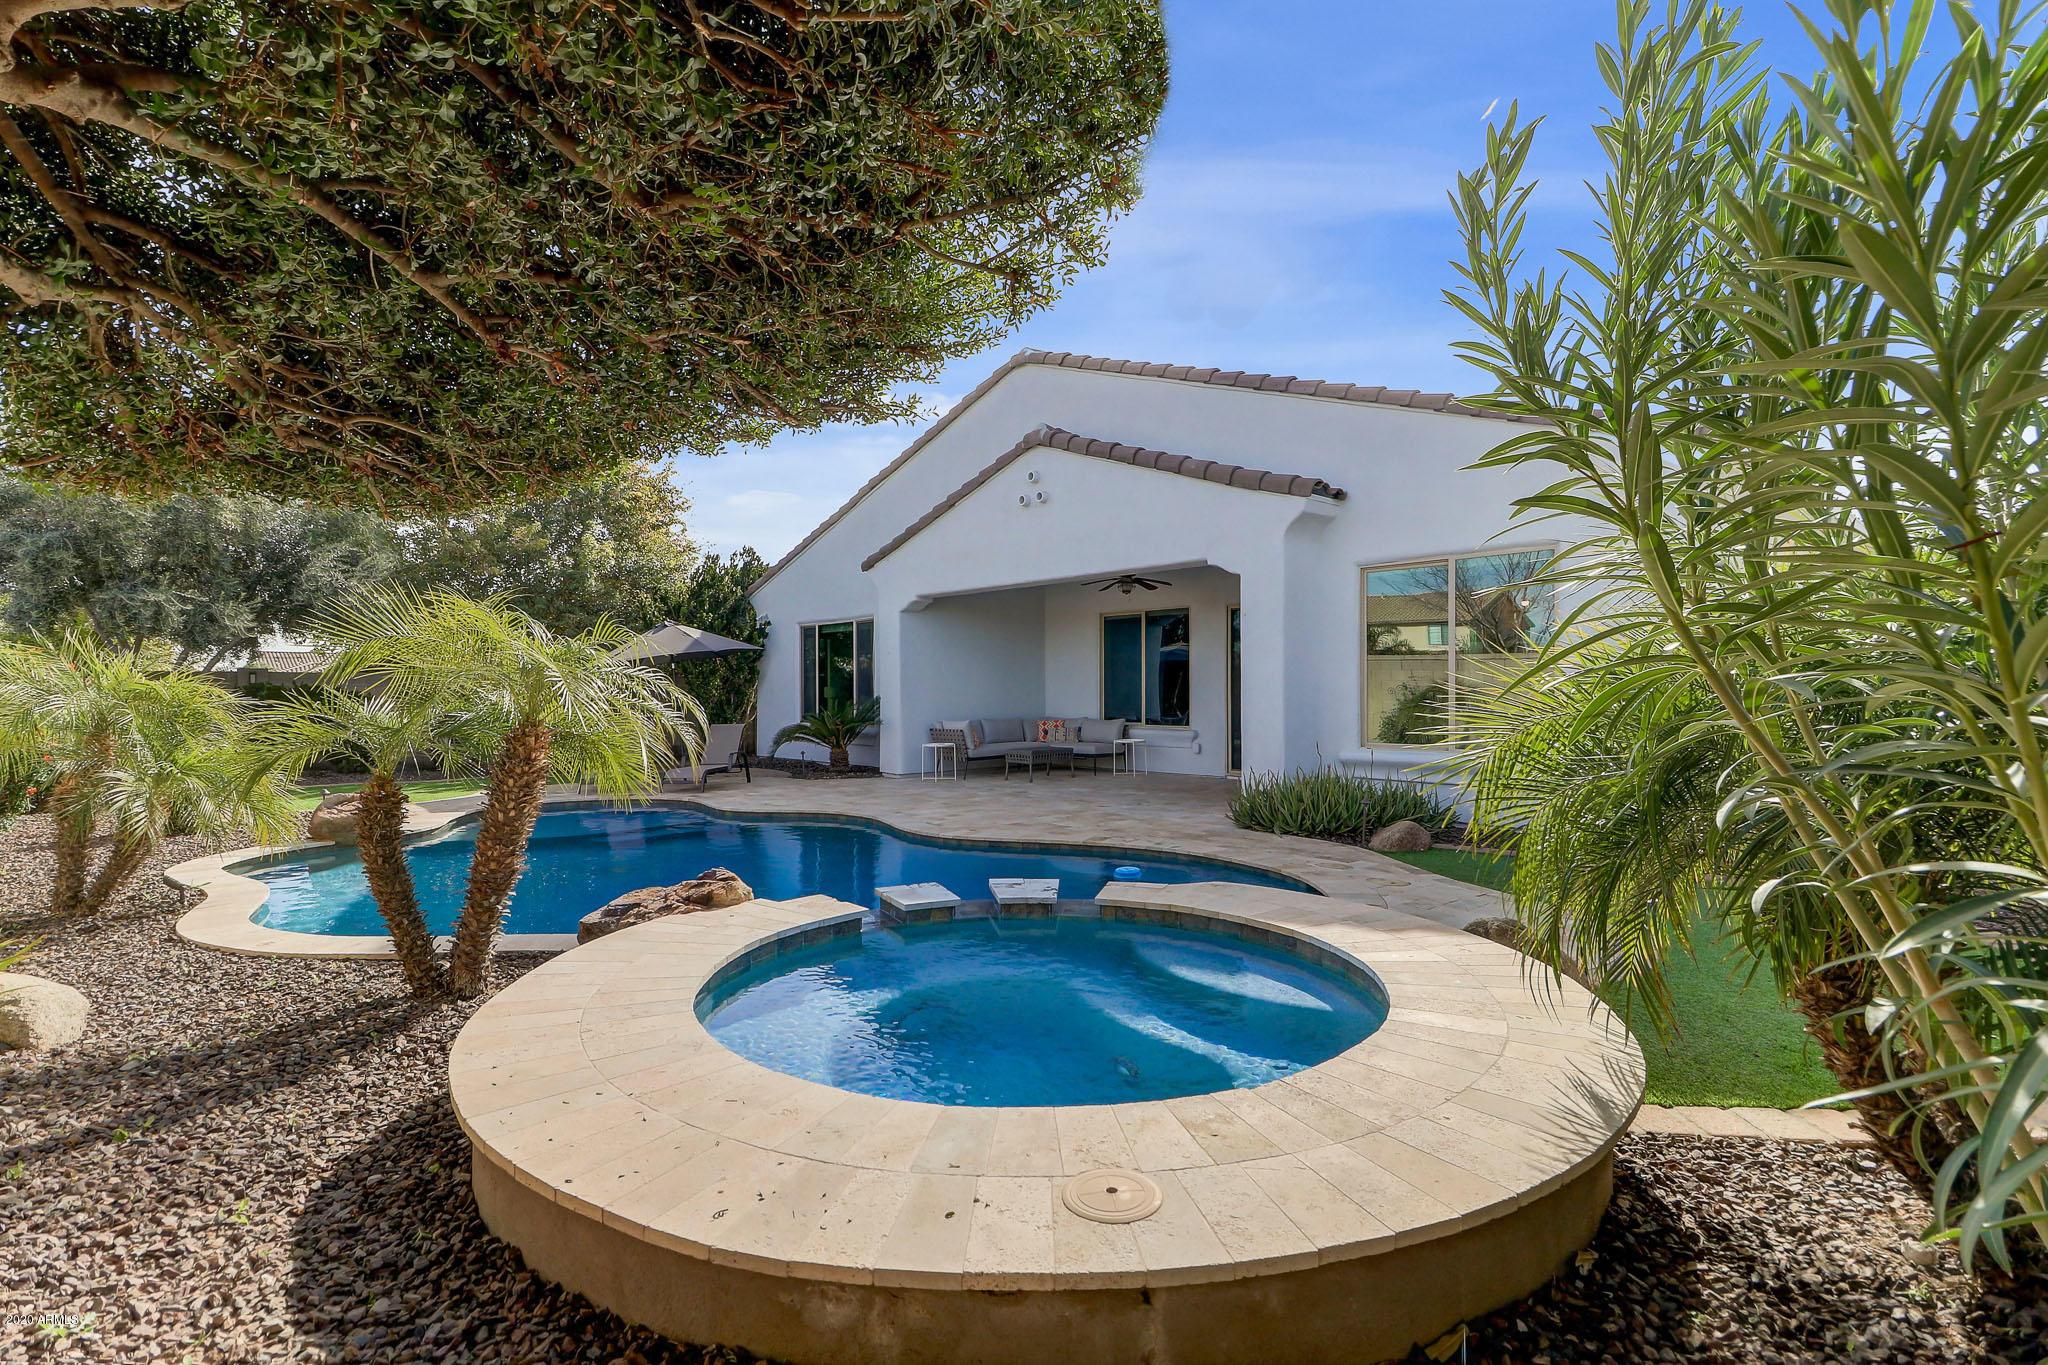 MLS 6029044 2896 E Maplewood Street, Gilbert, AZ 85297 Gilbert Homes for Rent